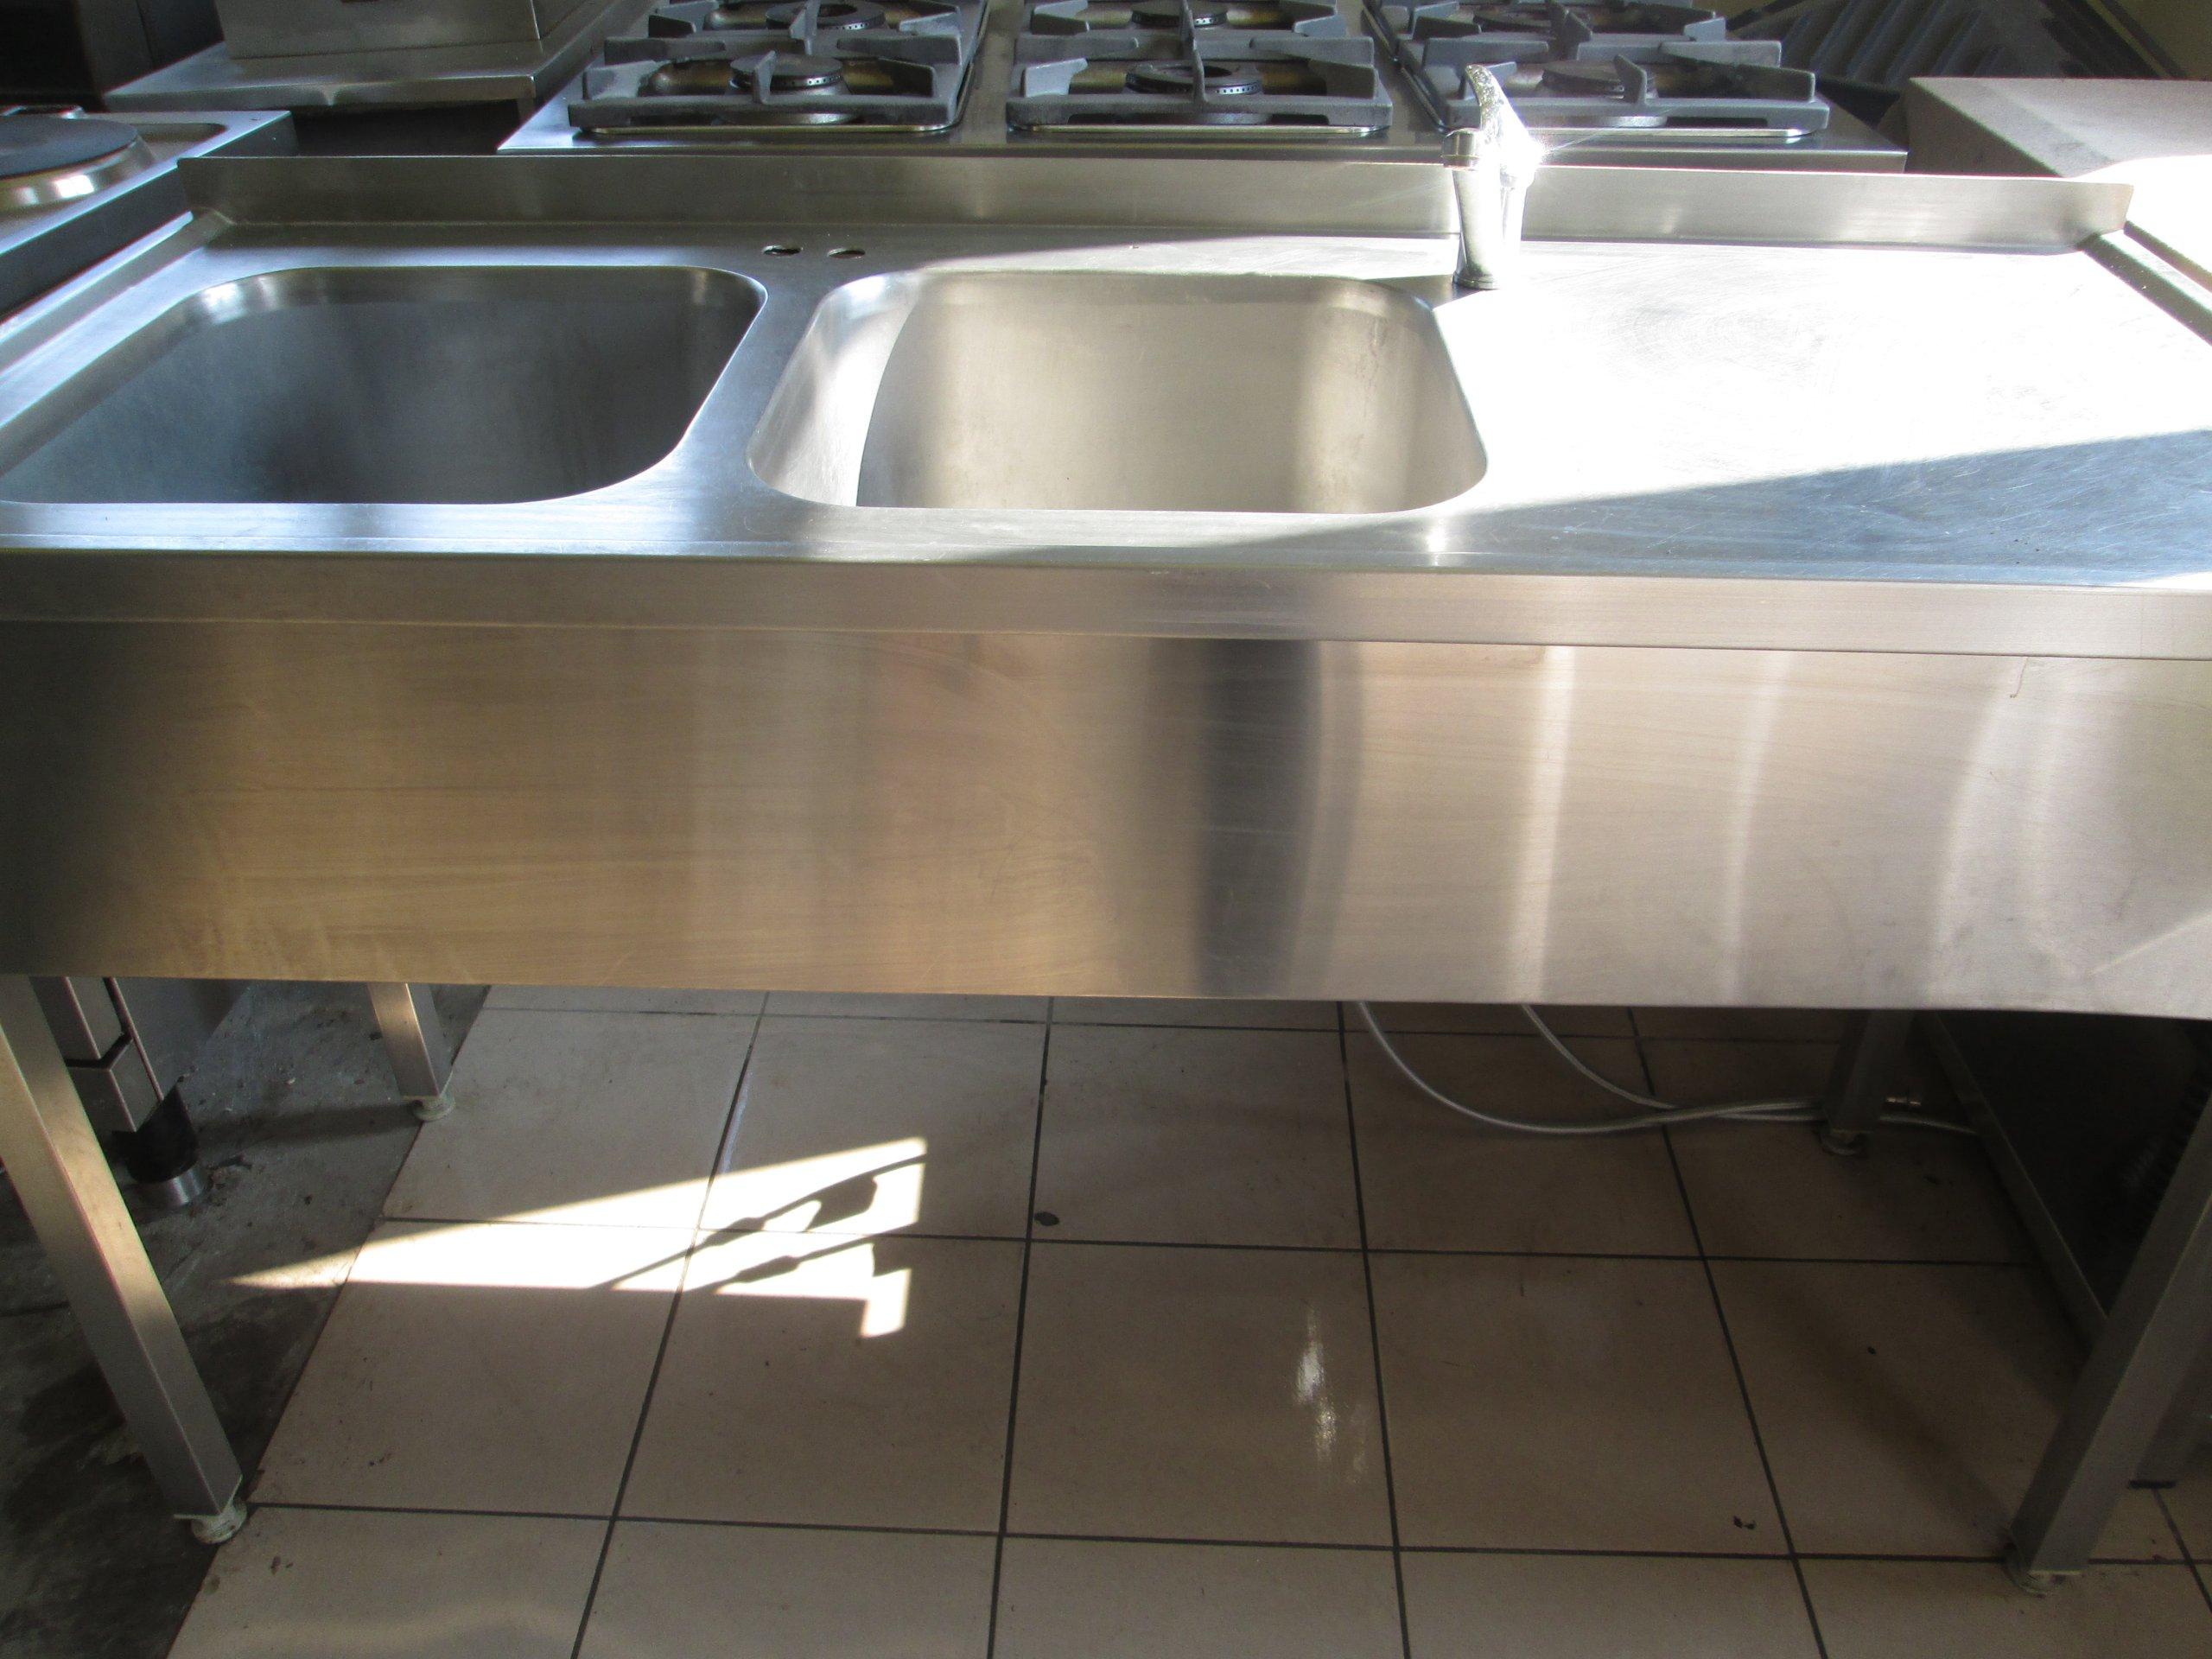 Super basen , zlew gastronomiczny dwukomorowy se stołem - 7283349508 BH57